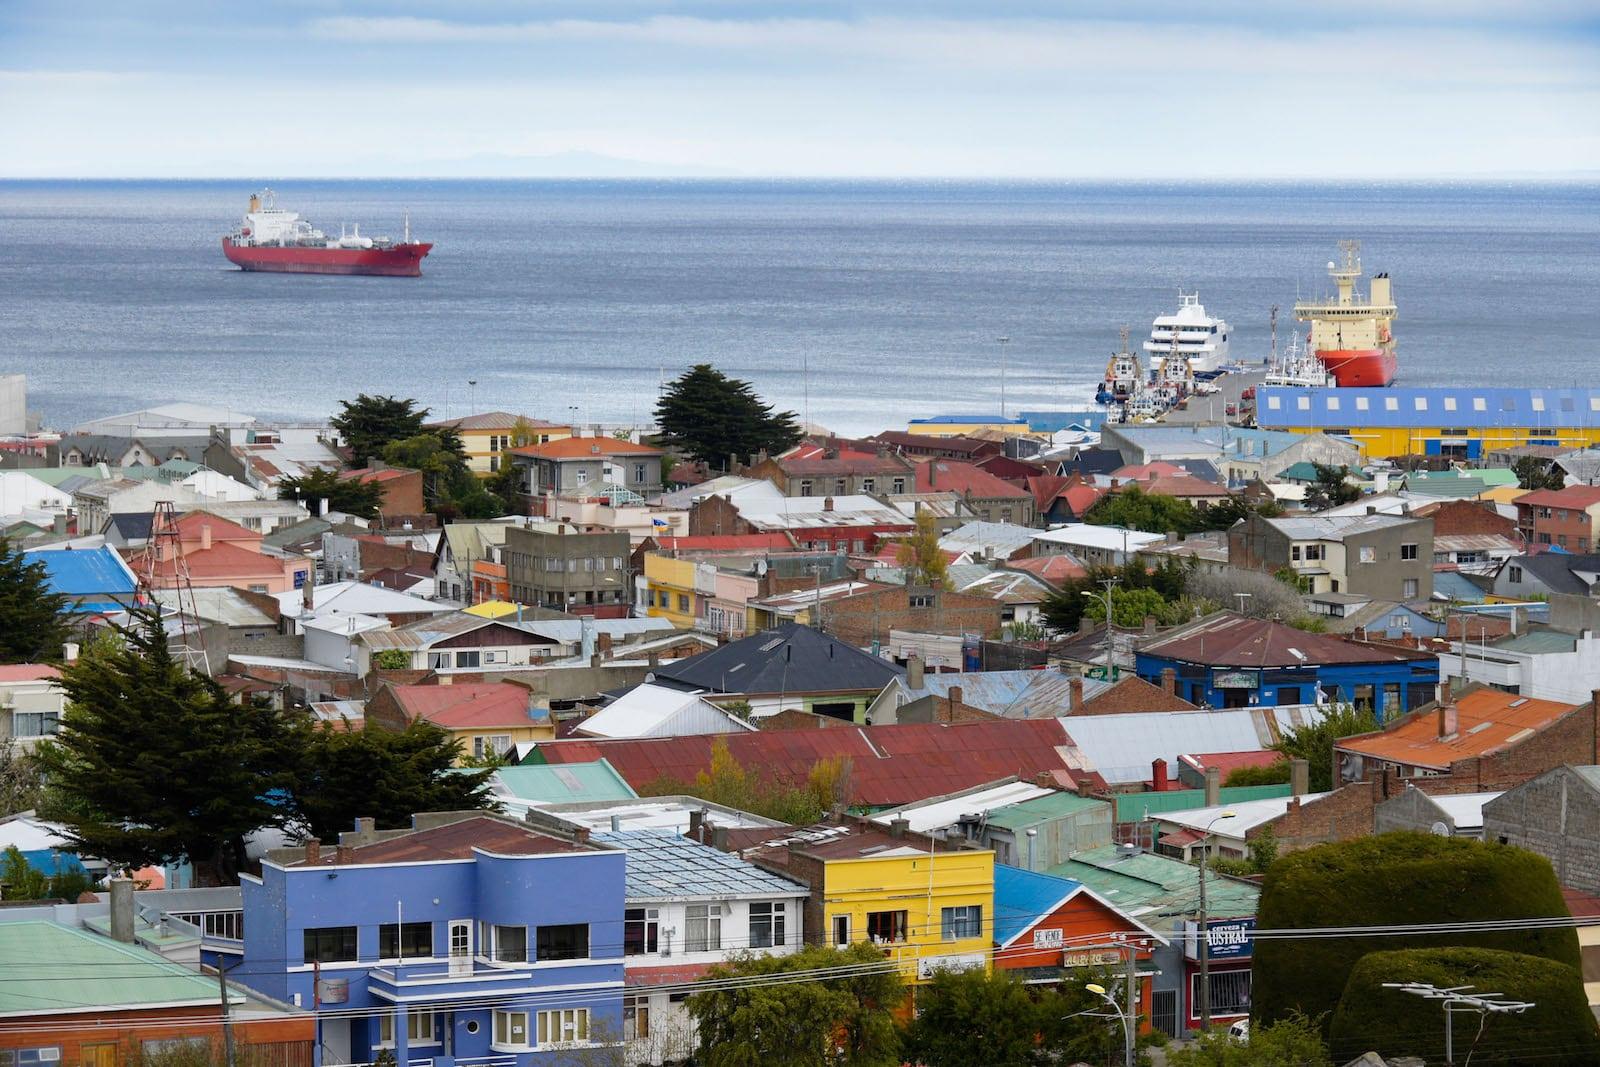 Punta Arenas, Chile. 350 kms